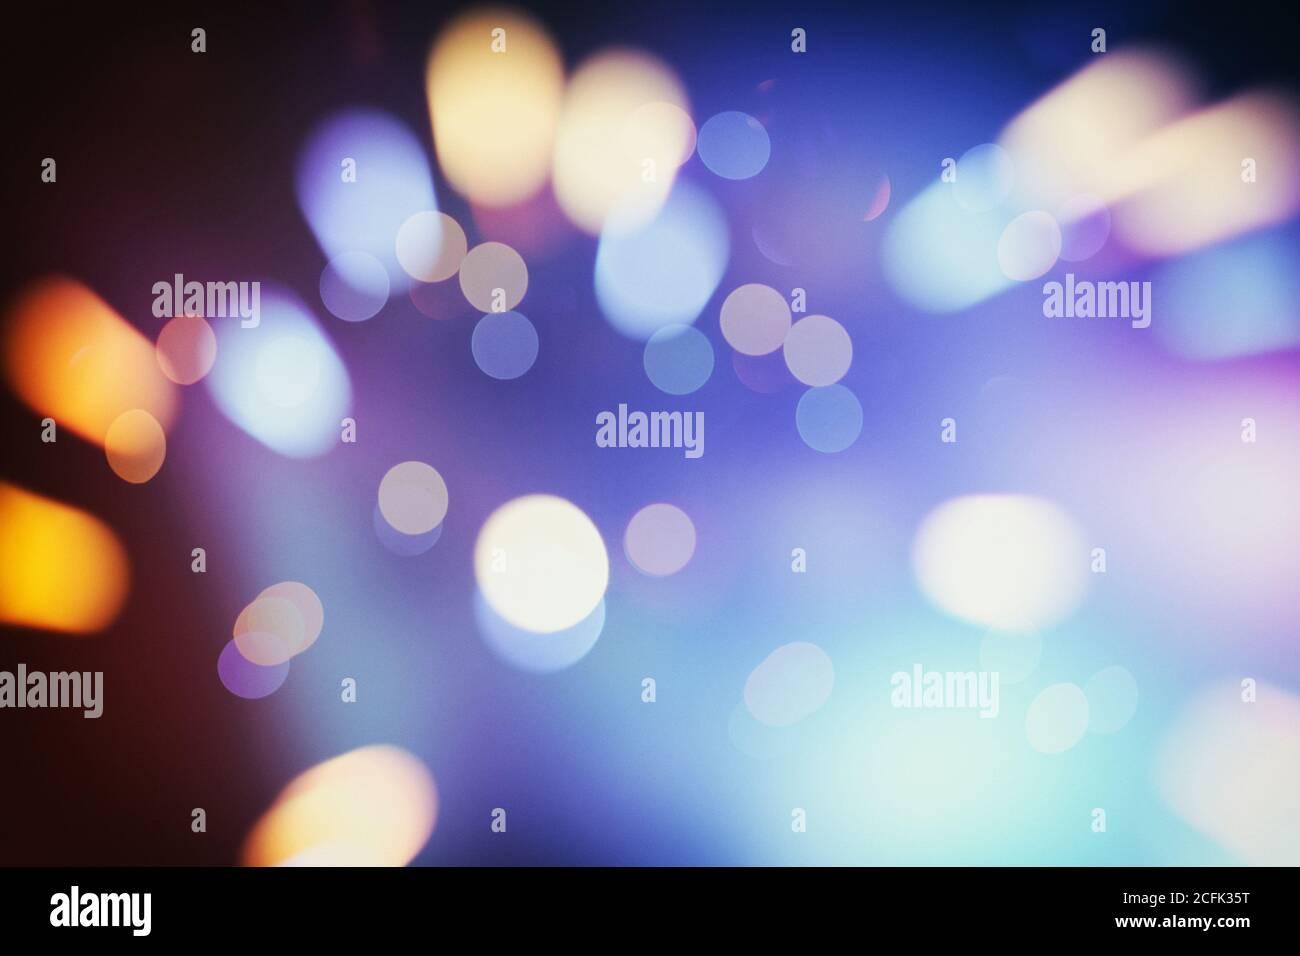 Farbige abstrakte verschwommenen hellen Hintergrund Layout Design für Hintergrund Konzept oder Festival Hintergrund werden kann. Stockfoto